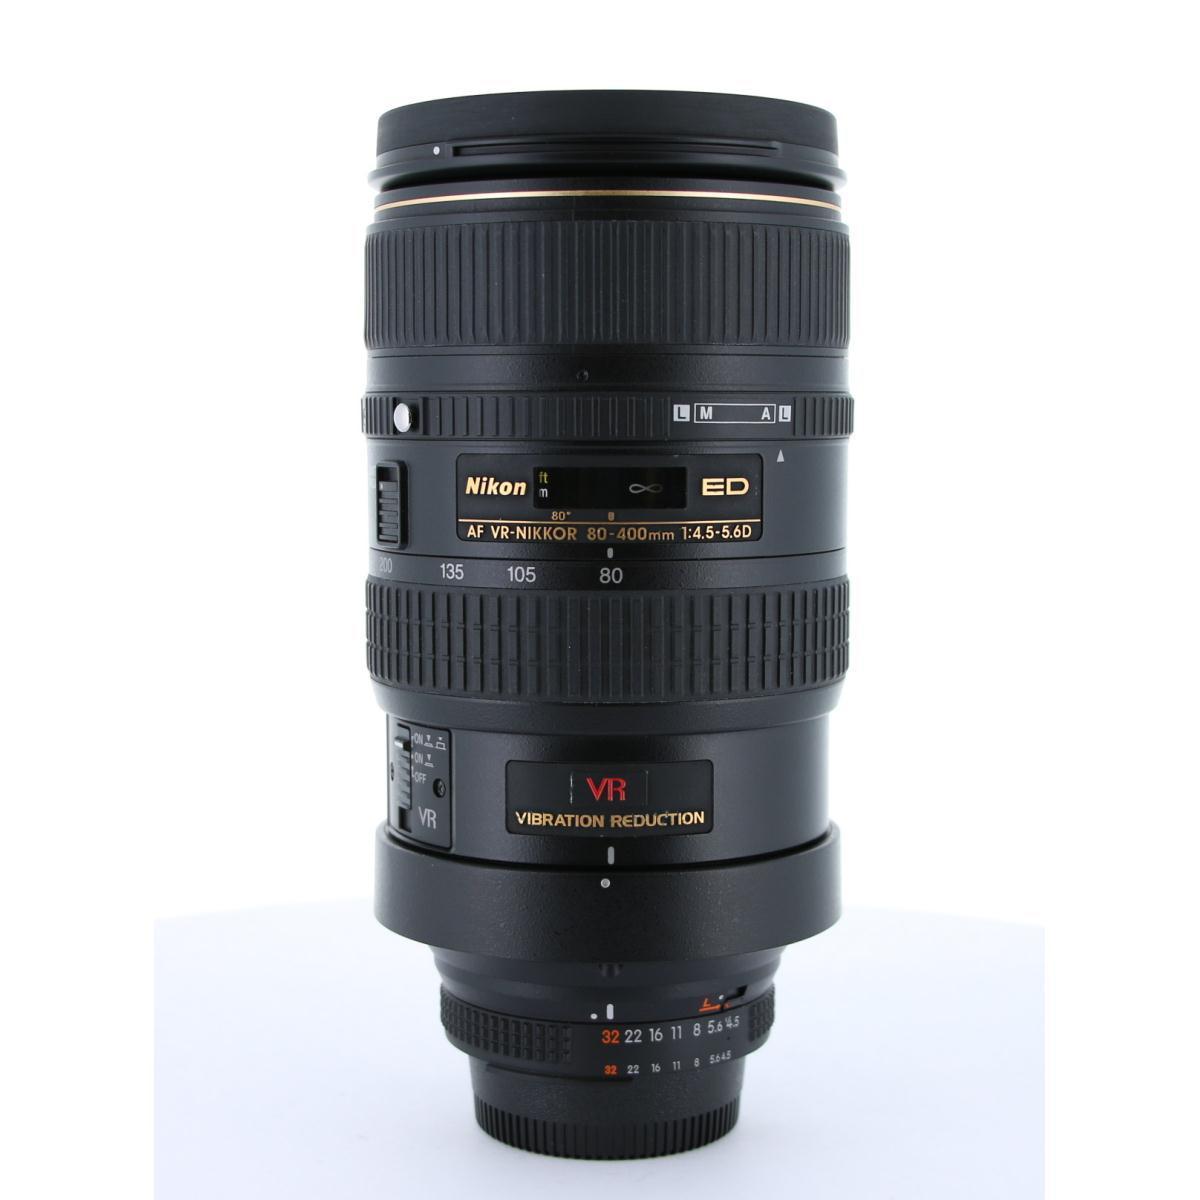 NIKON AF80-400mm F4.5-5.6D ED VR【中古】